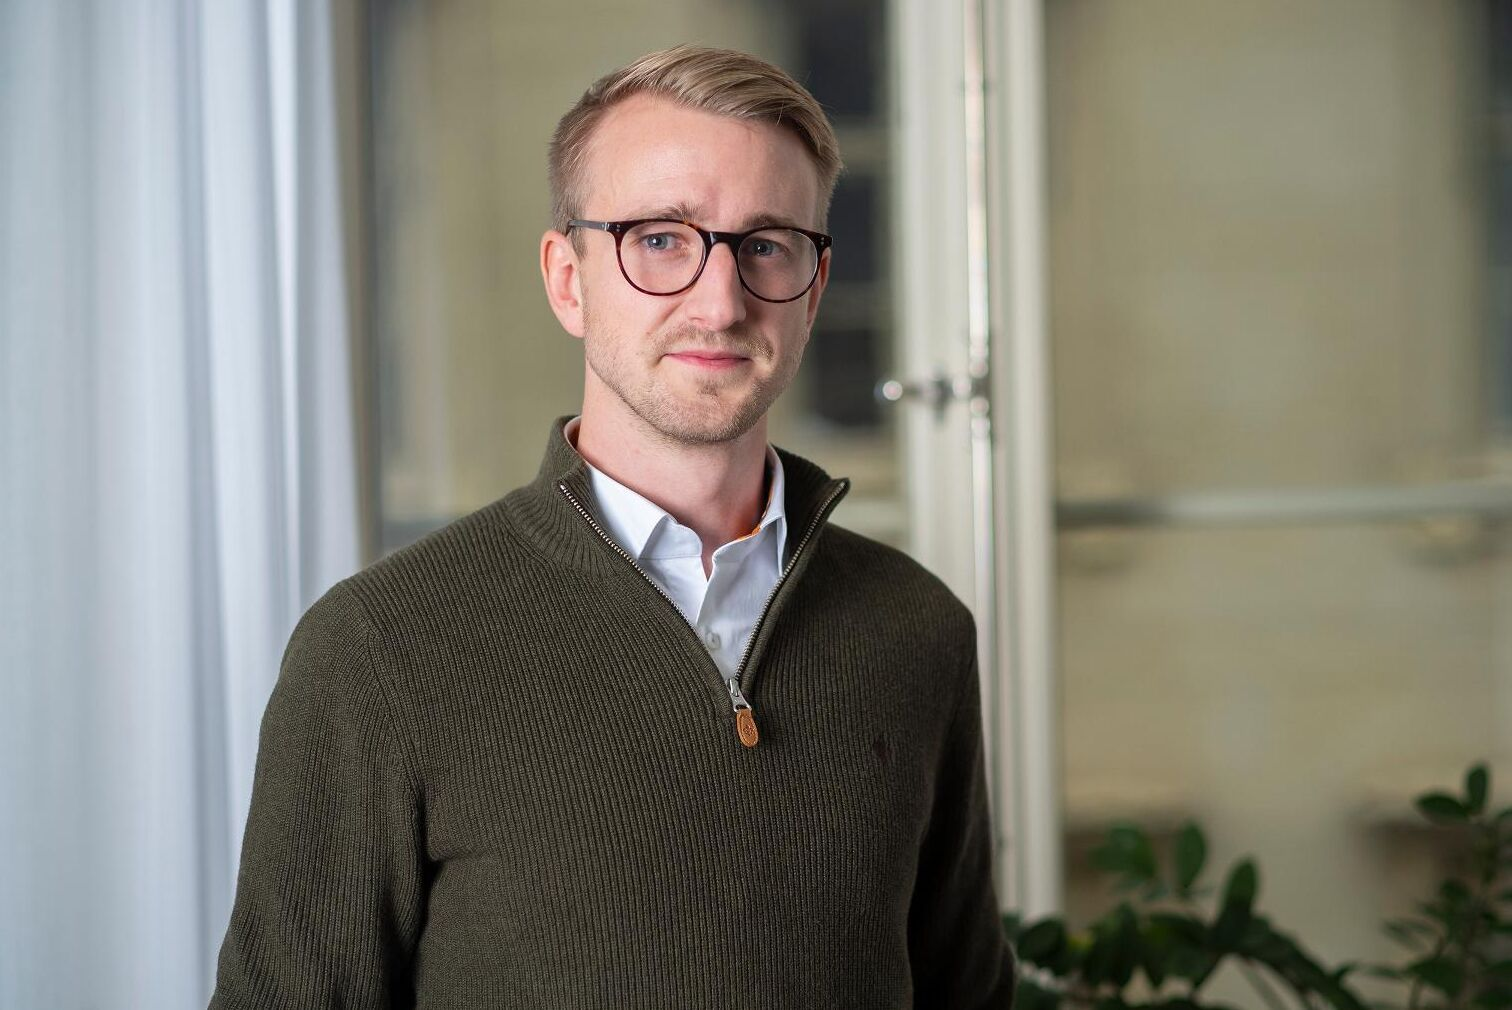 Förutom den grundläggande funktionen att säkra livsmedelsförsörjningen är livsmedelssystemet viktigt för sysselsättning, ekonomisk tillväxt och levande landsbygder, samtidigt som miljömålen nås, menar Fredrik Christensson, utbildningspolitisk talesperson Centerpartiet.